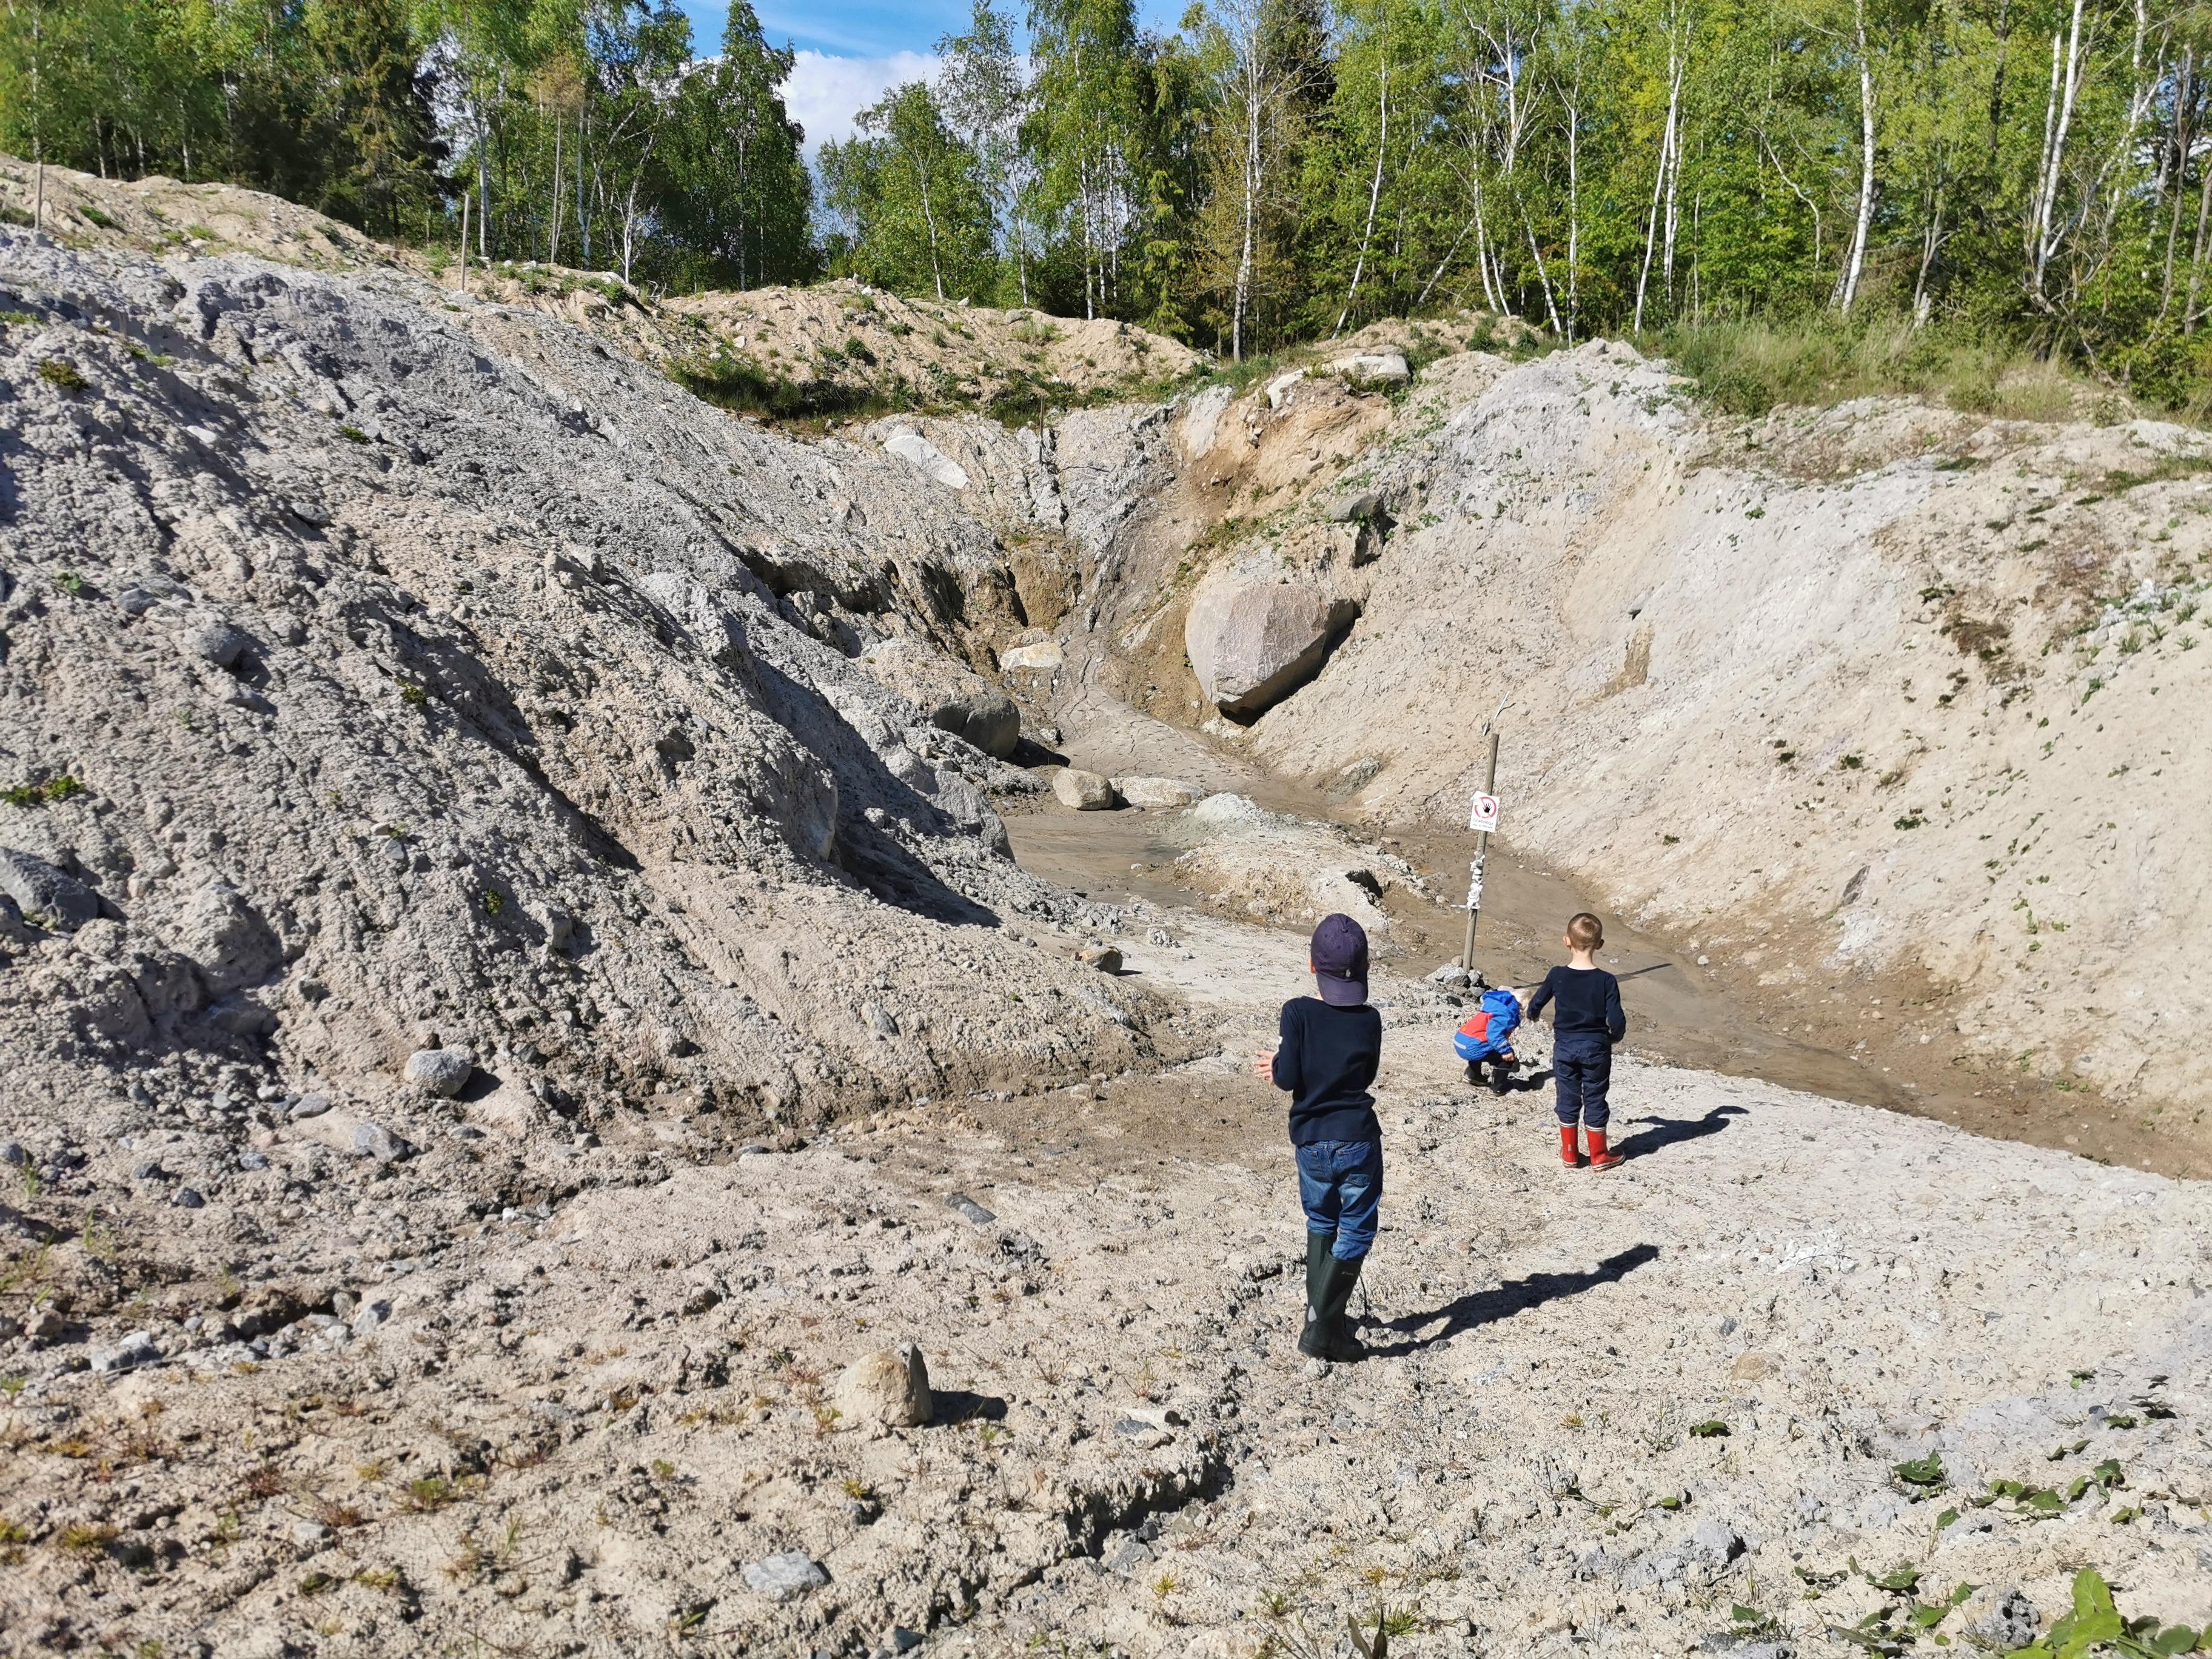 Fossiljakt i Sverige